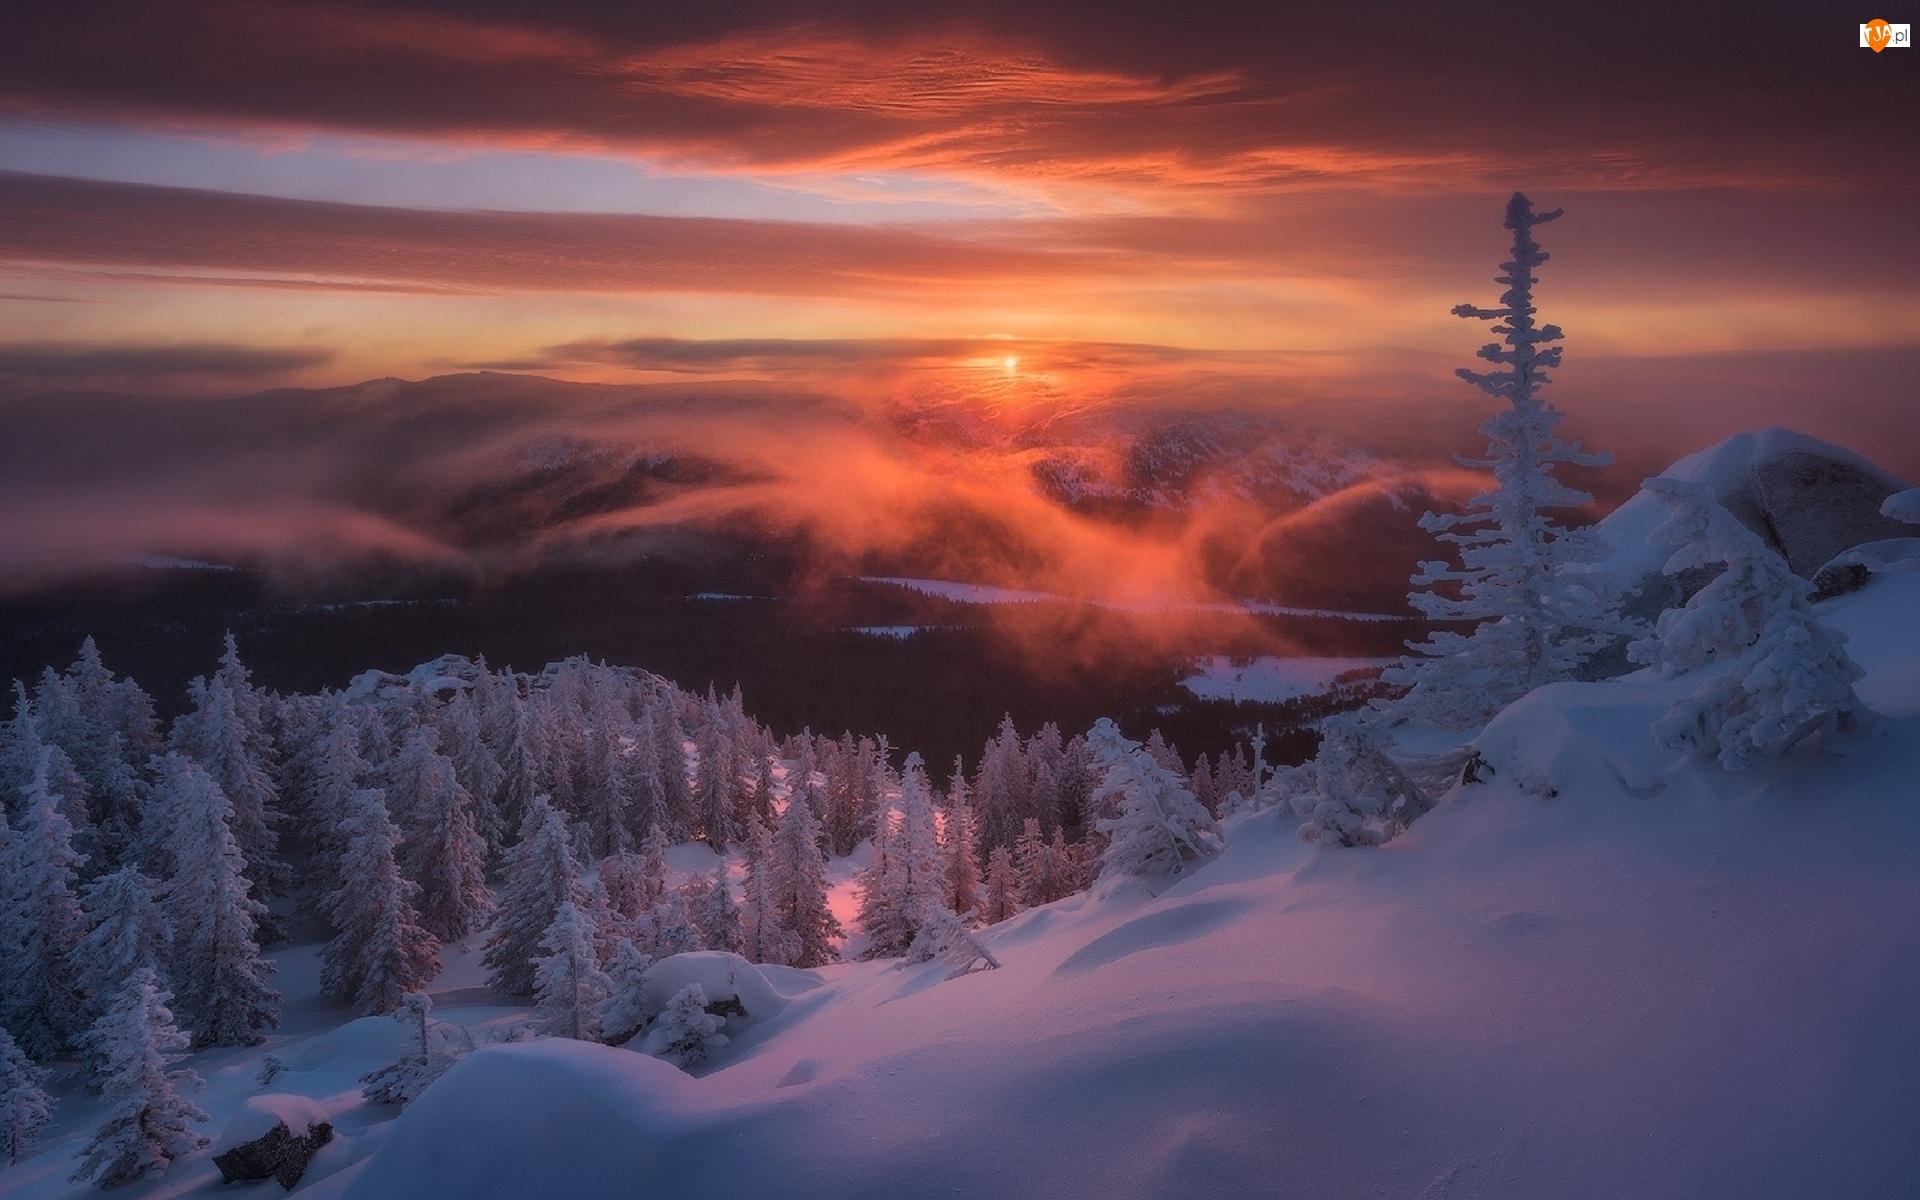 Góry Ural, Park Narodowy Taganaj, Drzewa, Rosja, Ośnieżone, Wschód słońca, Zima